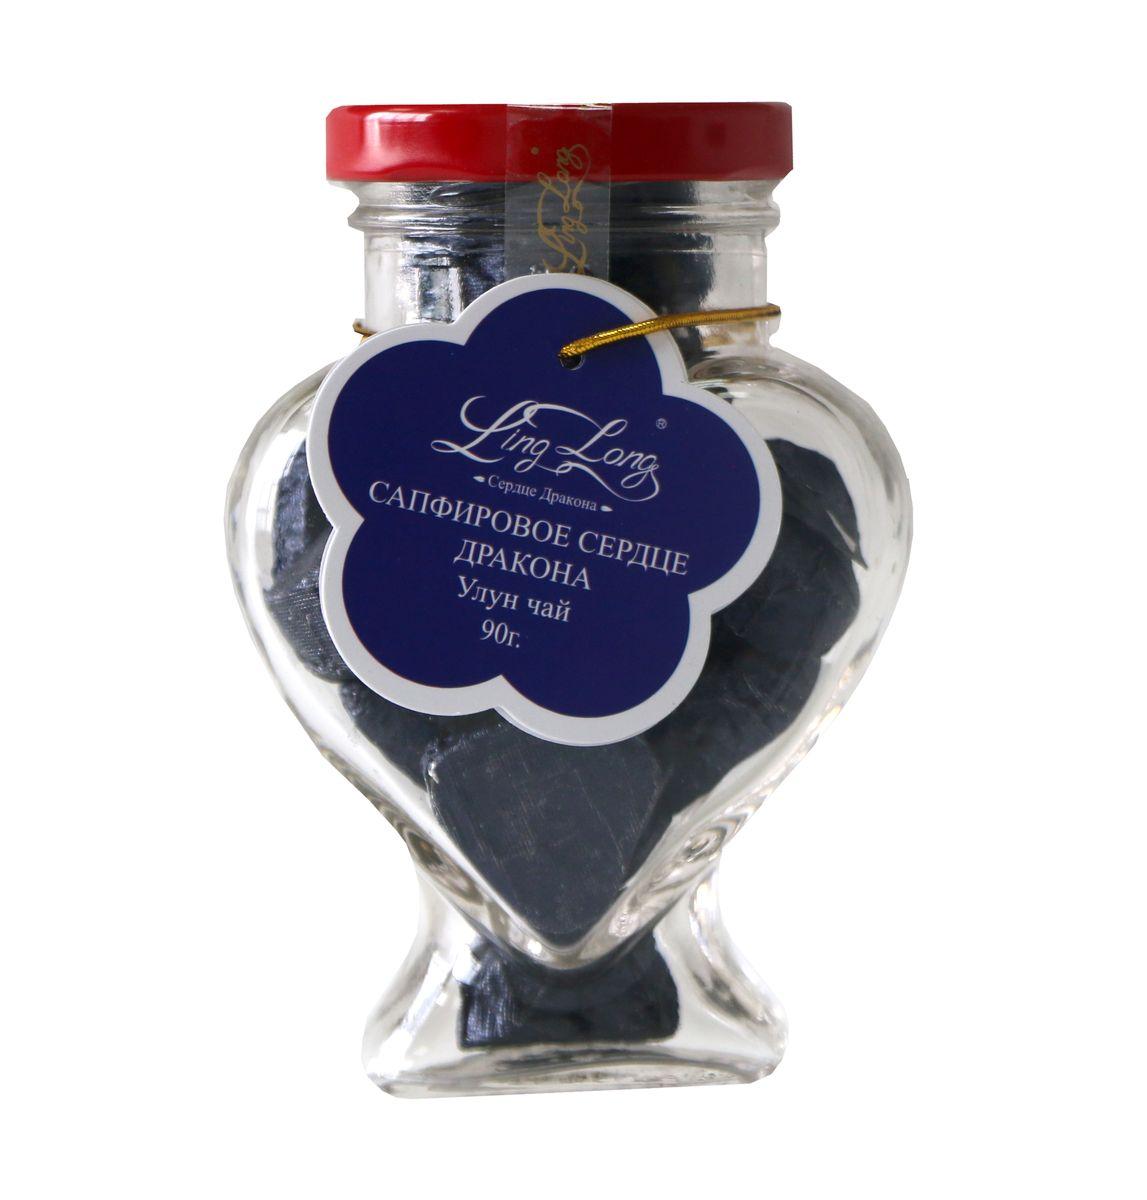 Ling Long Сапфировое сердце дракона листовой чай улун, 90 г (стеклянная банка) цена